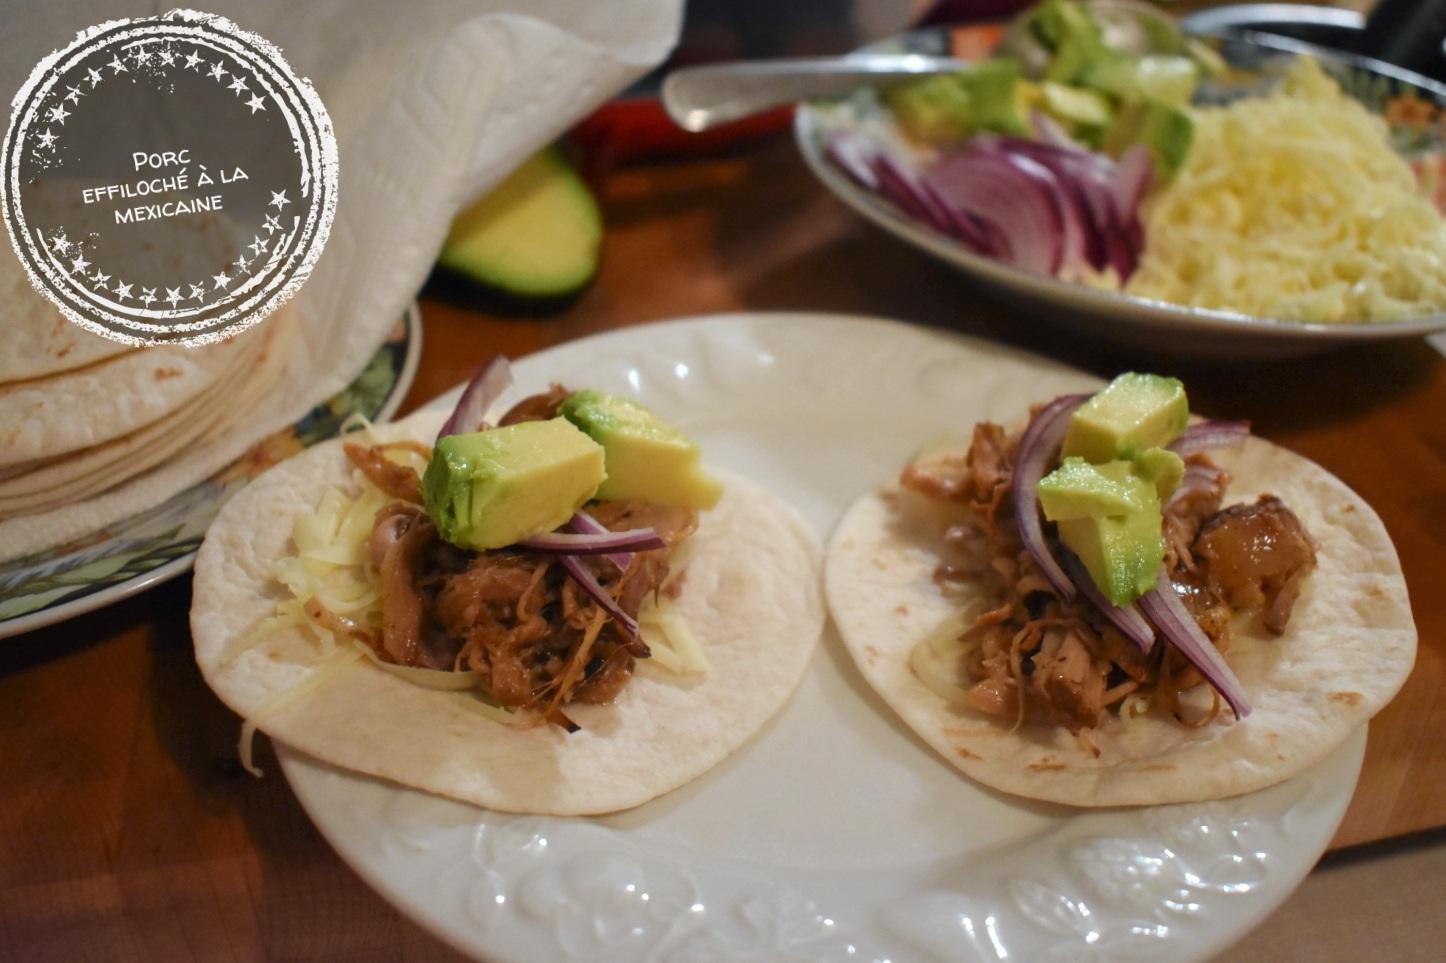 Porc effiloché à la mexicaine - Auboutdelalangue.com